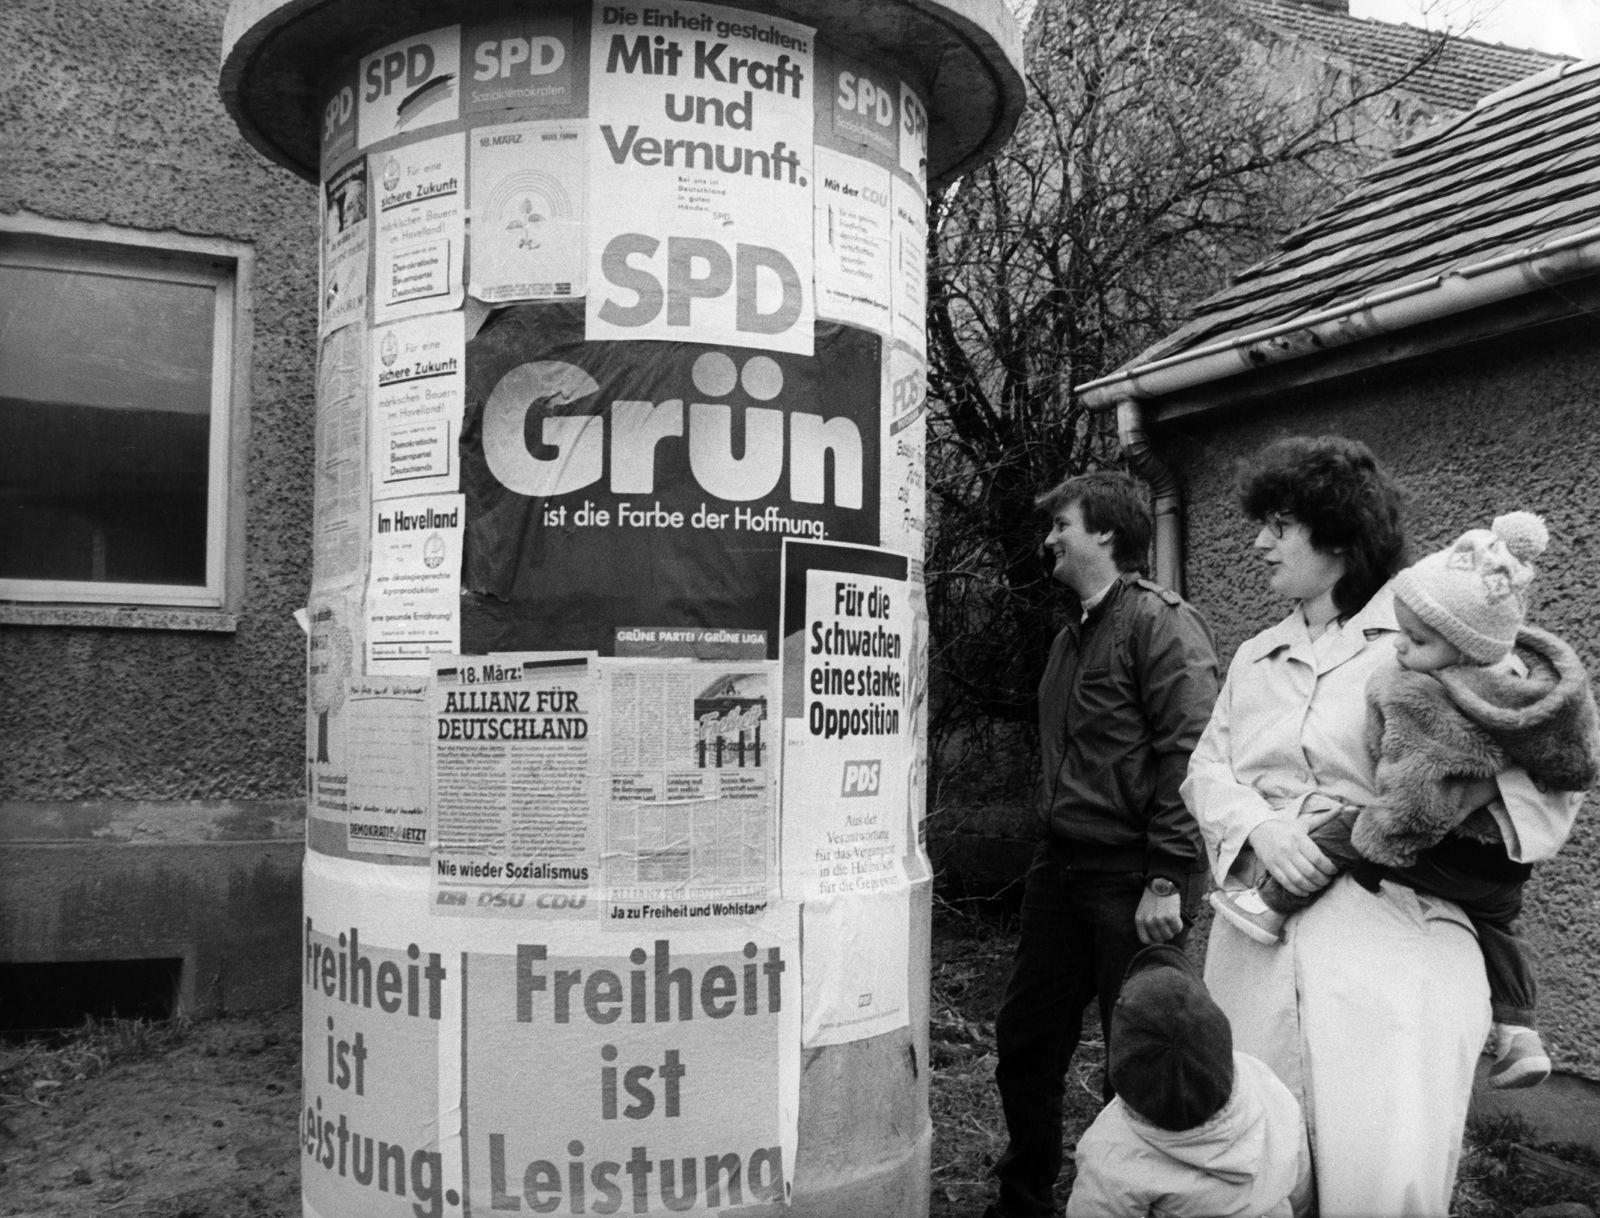 Volkskammerwahl 1990 - Wahl zur Volkskammer